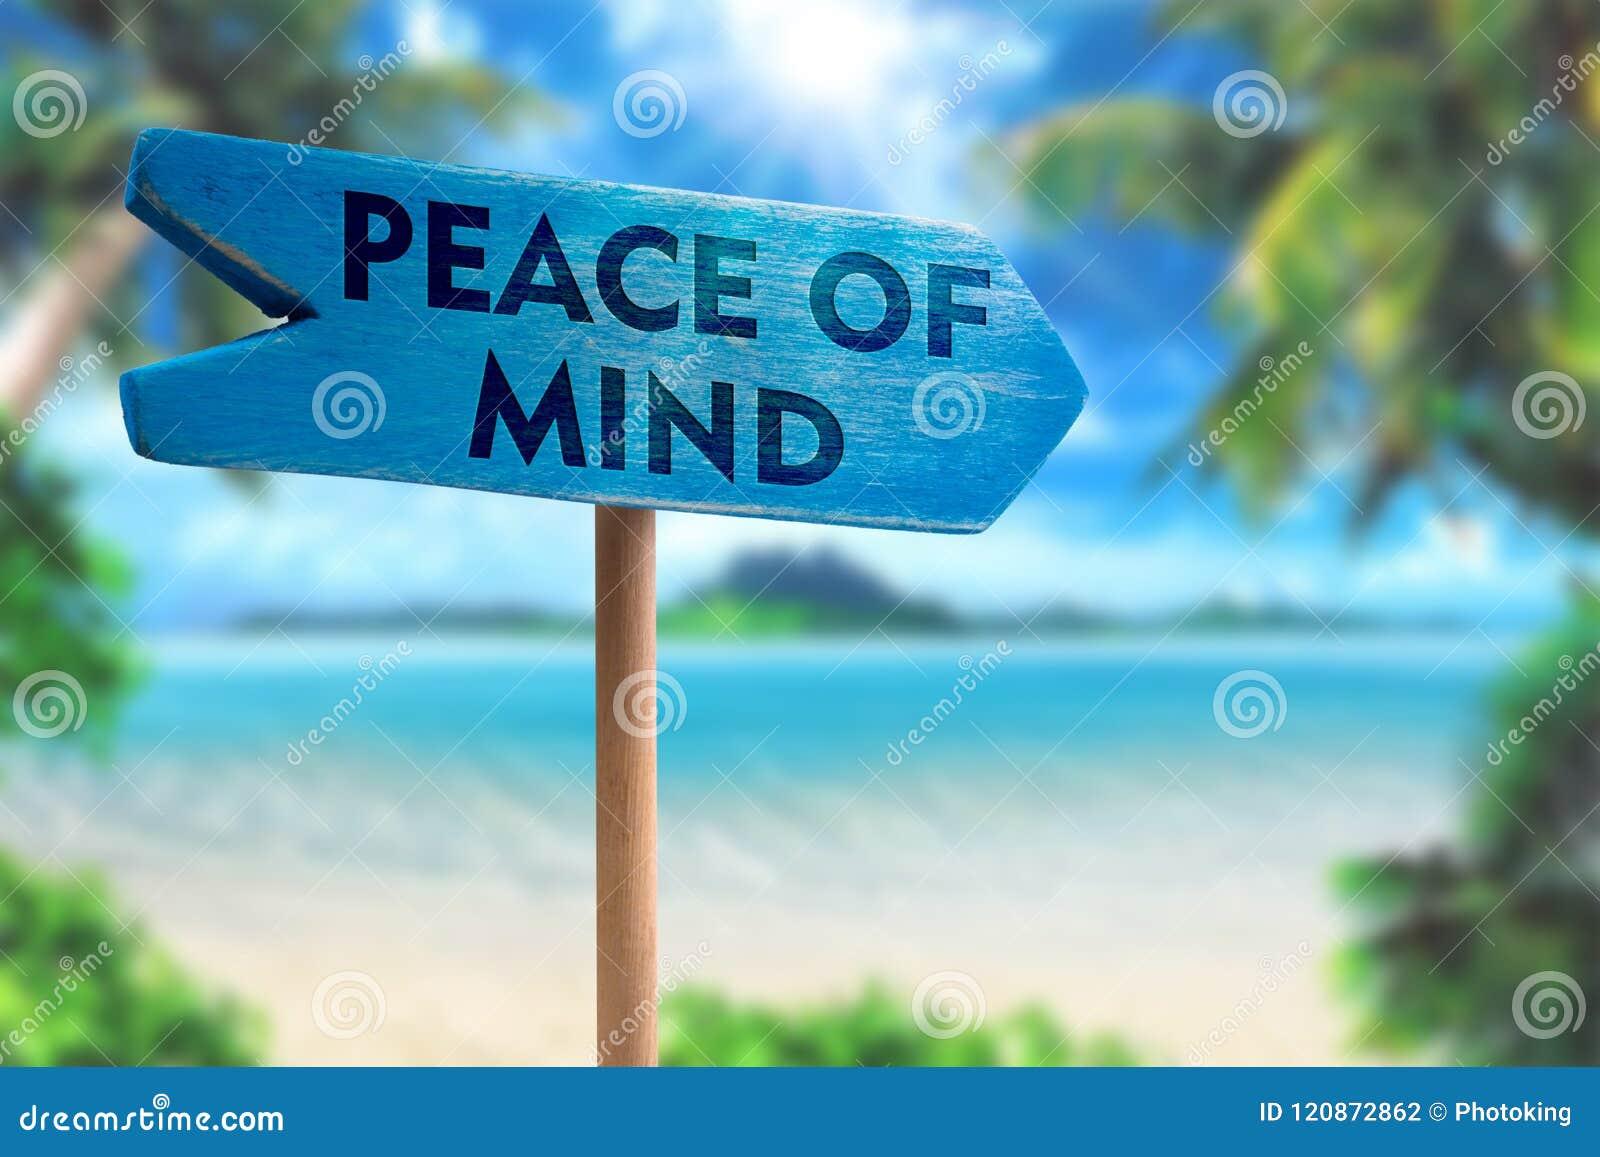 Peace of mind sign board arrow